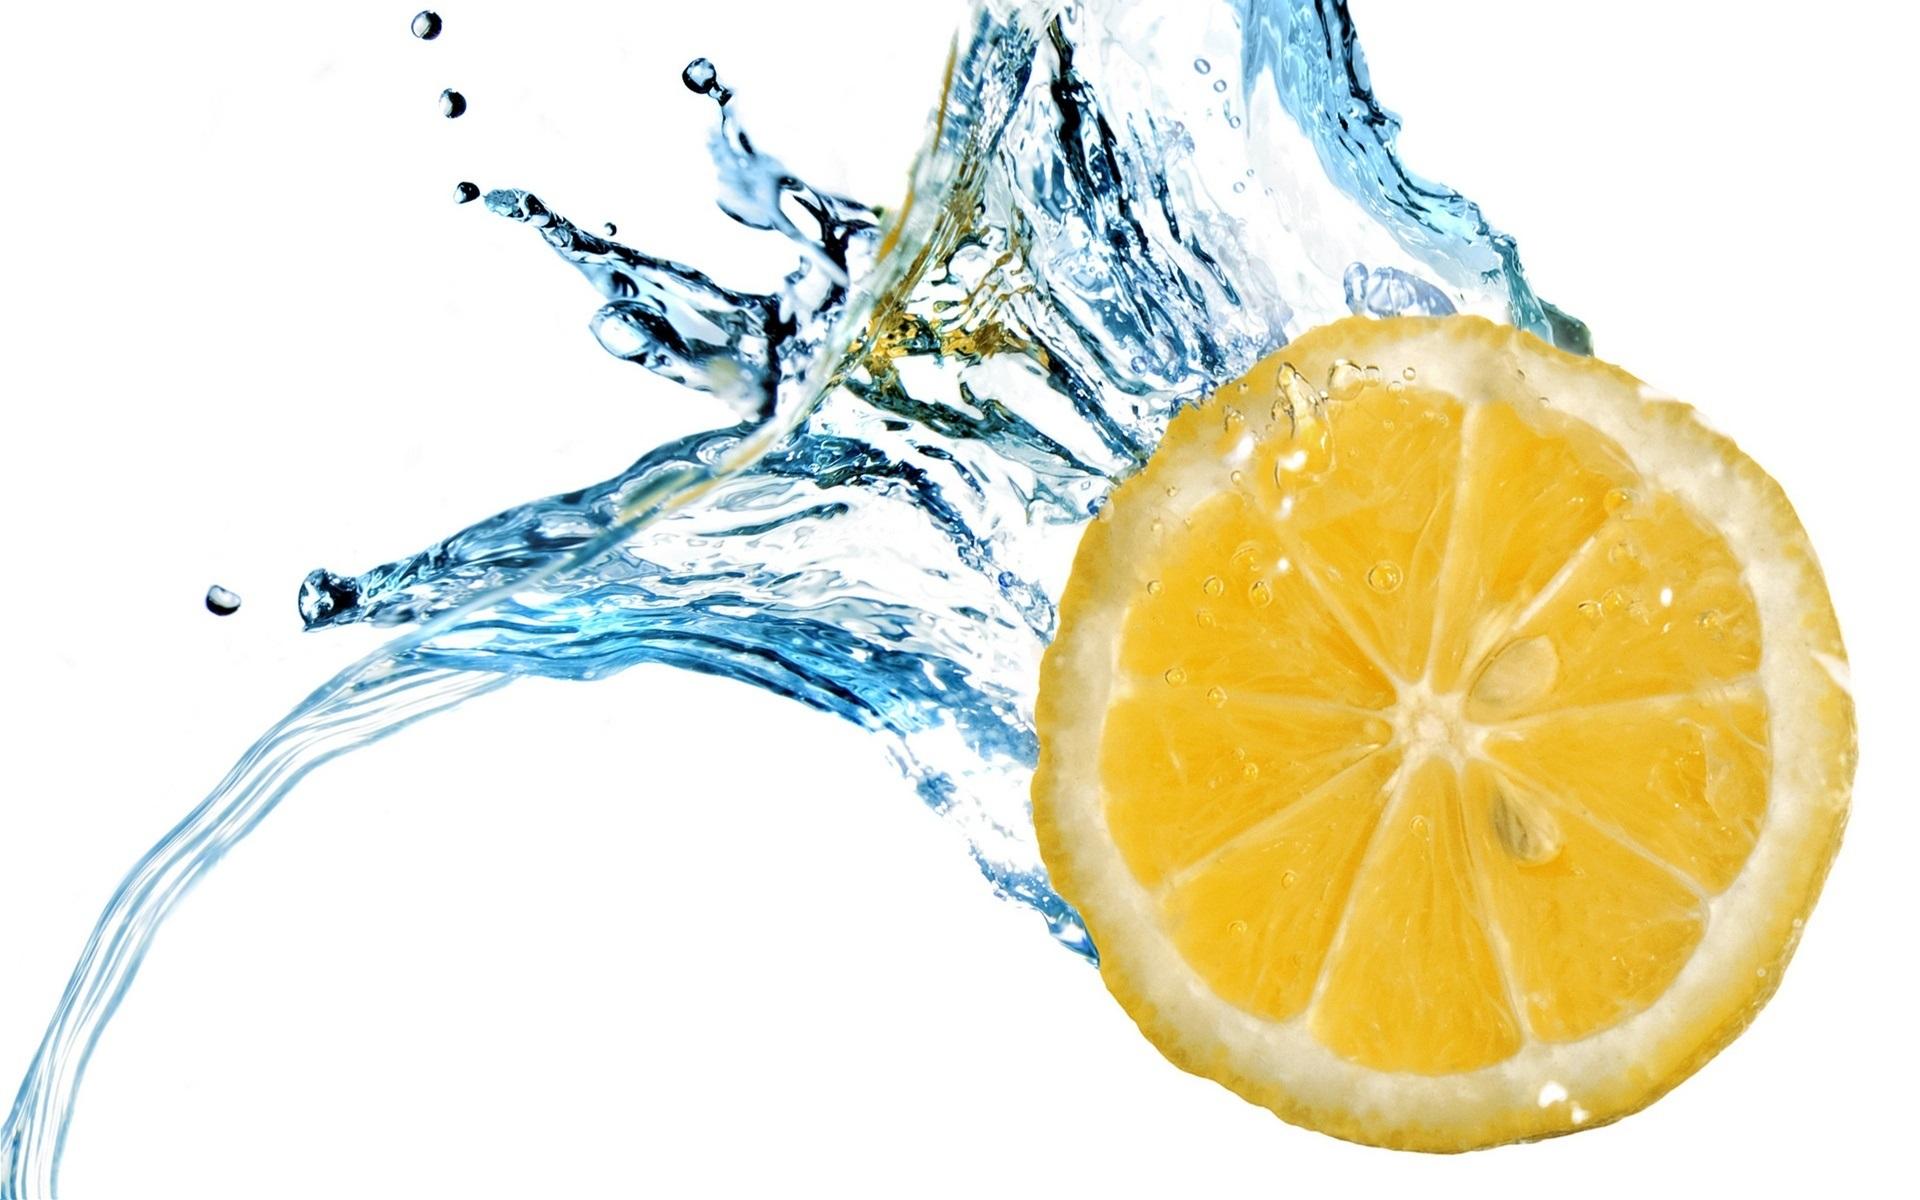 Wallpaper Lemon Slice Water Splash White Background